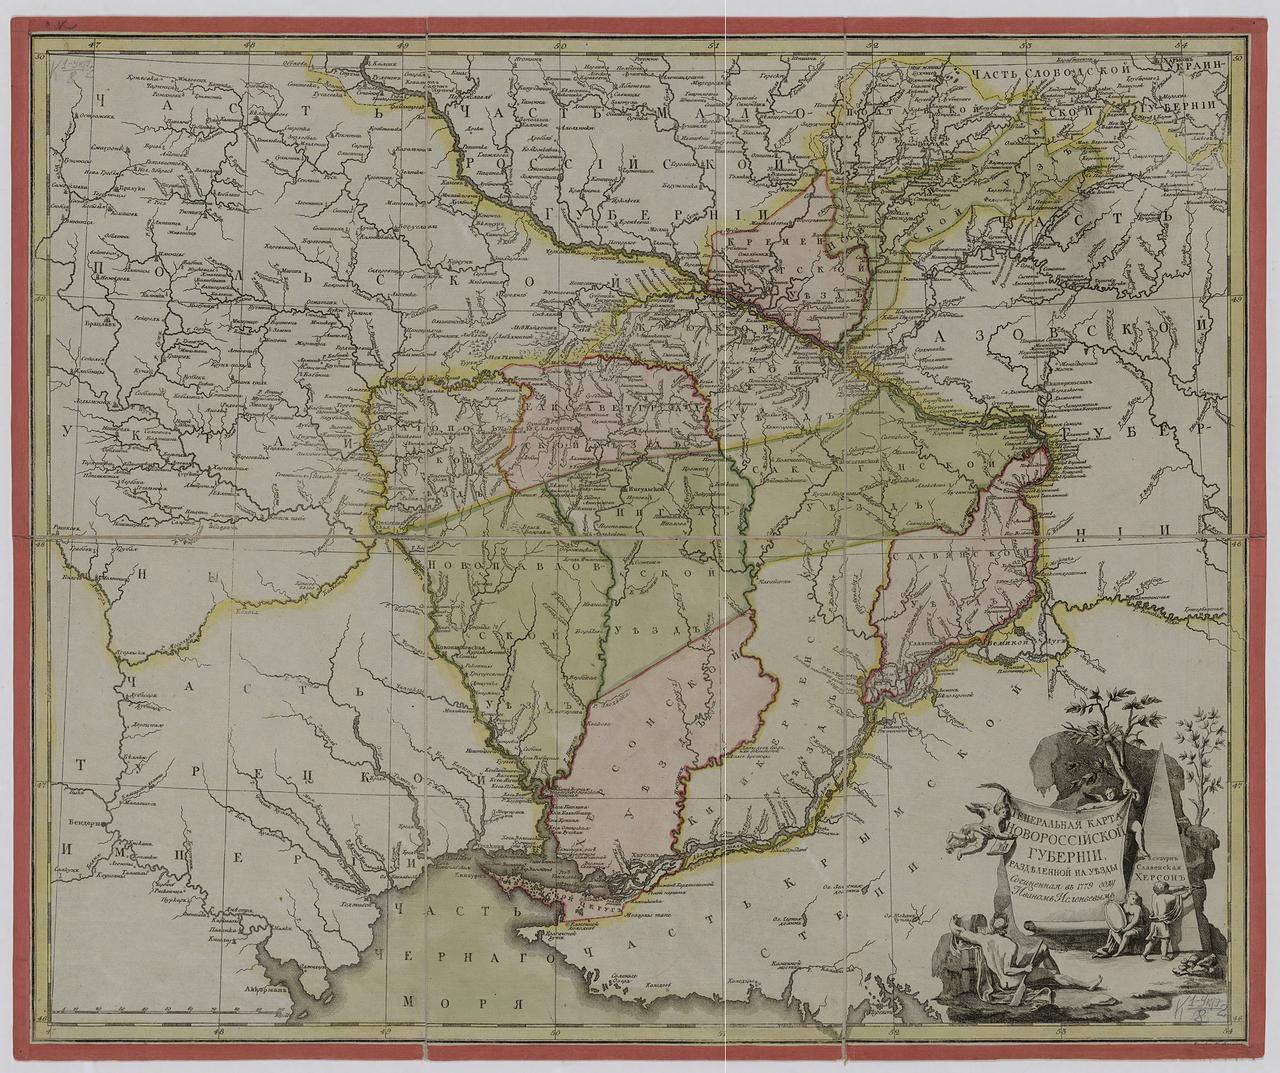 1779.  Генеральная карта Новороссийской губернии, разделенной на уезды